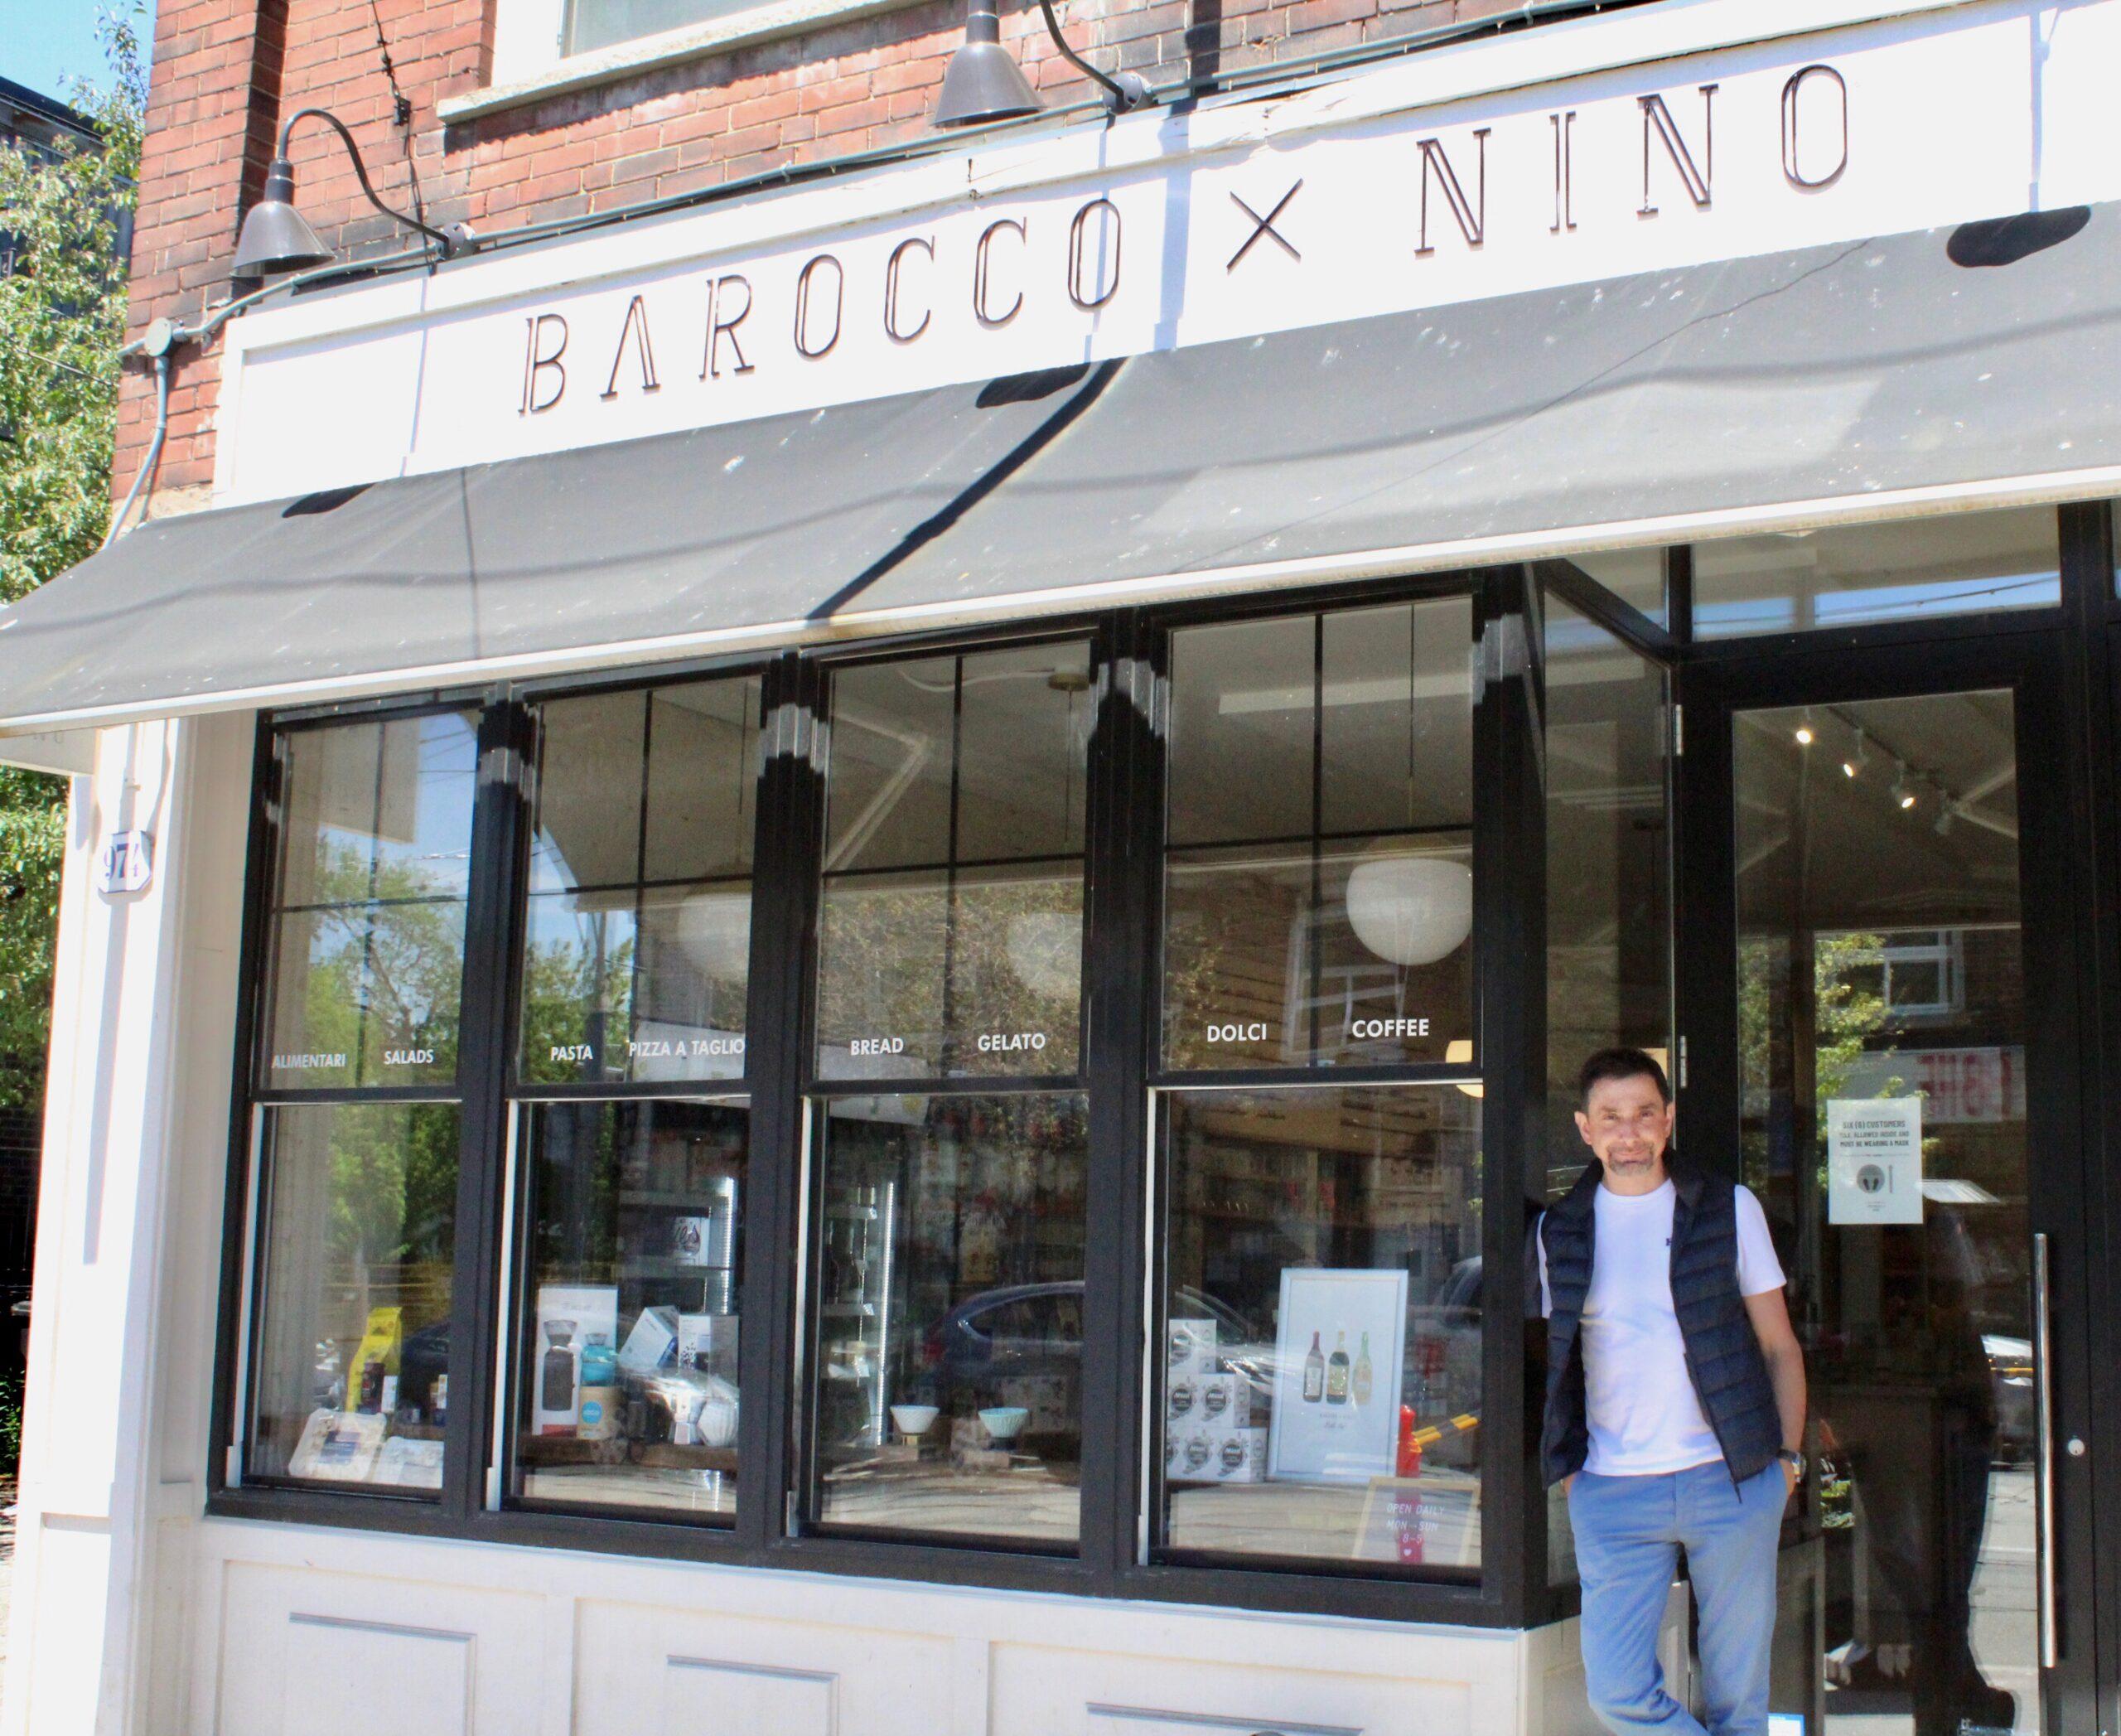 Image Alt Text: Barocco X Nino owner Bruno Colozza